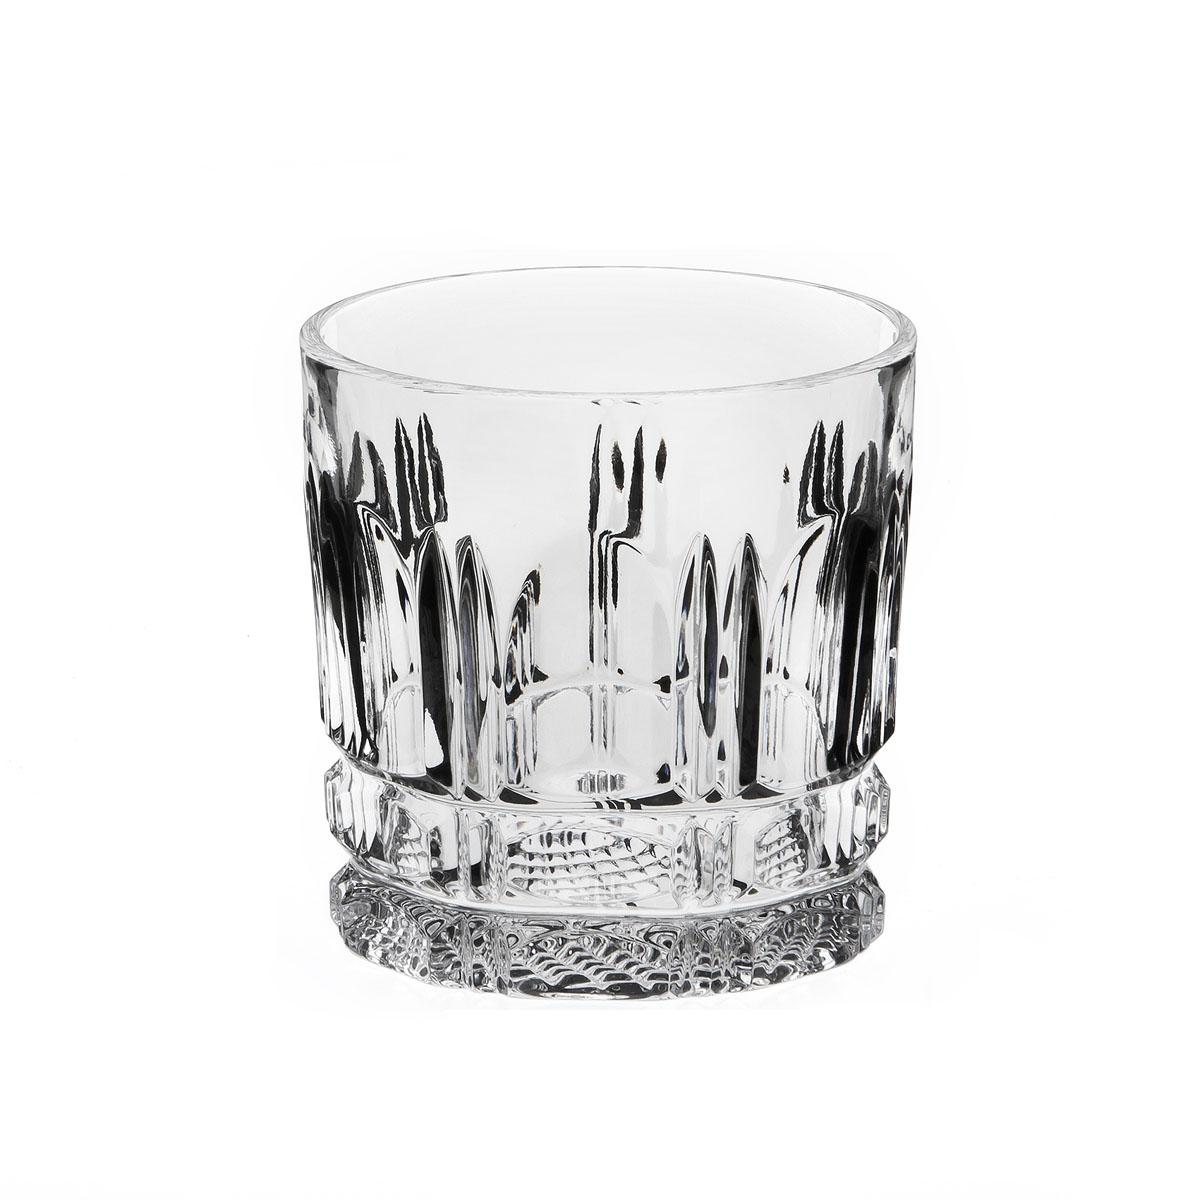 Cтакан Дятьковский хрусталь Пилястра, с кольцом, 190 мл. С878/4С878/4Хрустальные стаканы – красивое и простое решение для украшения праздничного стола. Стаканы из хрусталя универсальны, они подойдут и для алкогольных напитков – вина, шампанского, и для освежающих – минеральной воды, компота или сока. Если в вашей домашней коллекции еще нет предметов хрустальной посуды, купить хрустальные стаканы стоит обязательно.